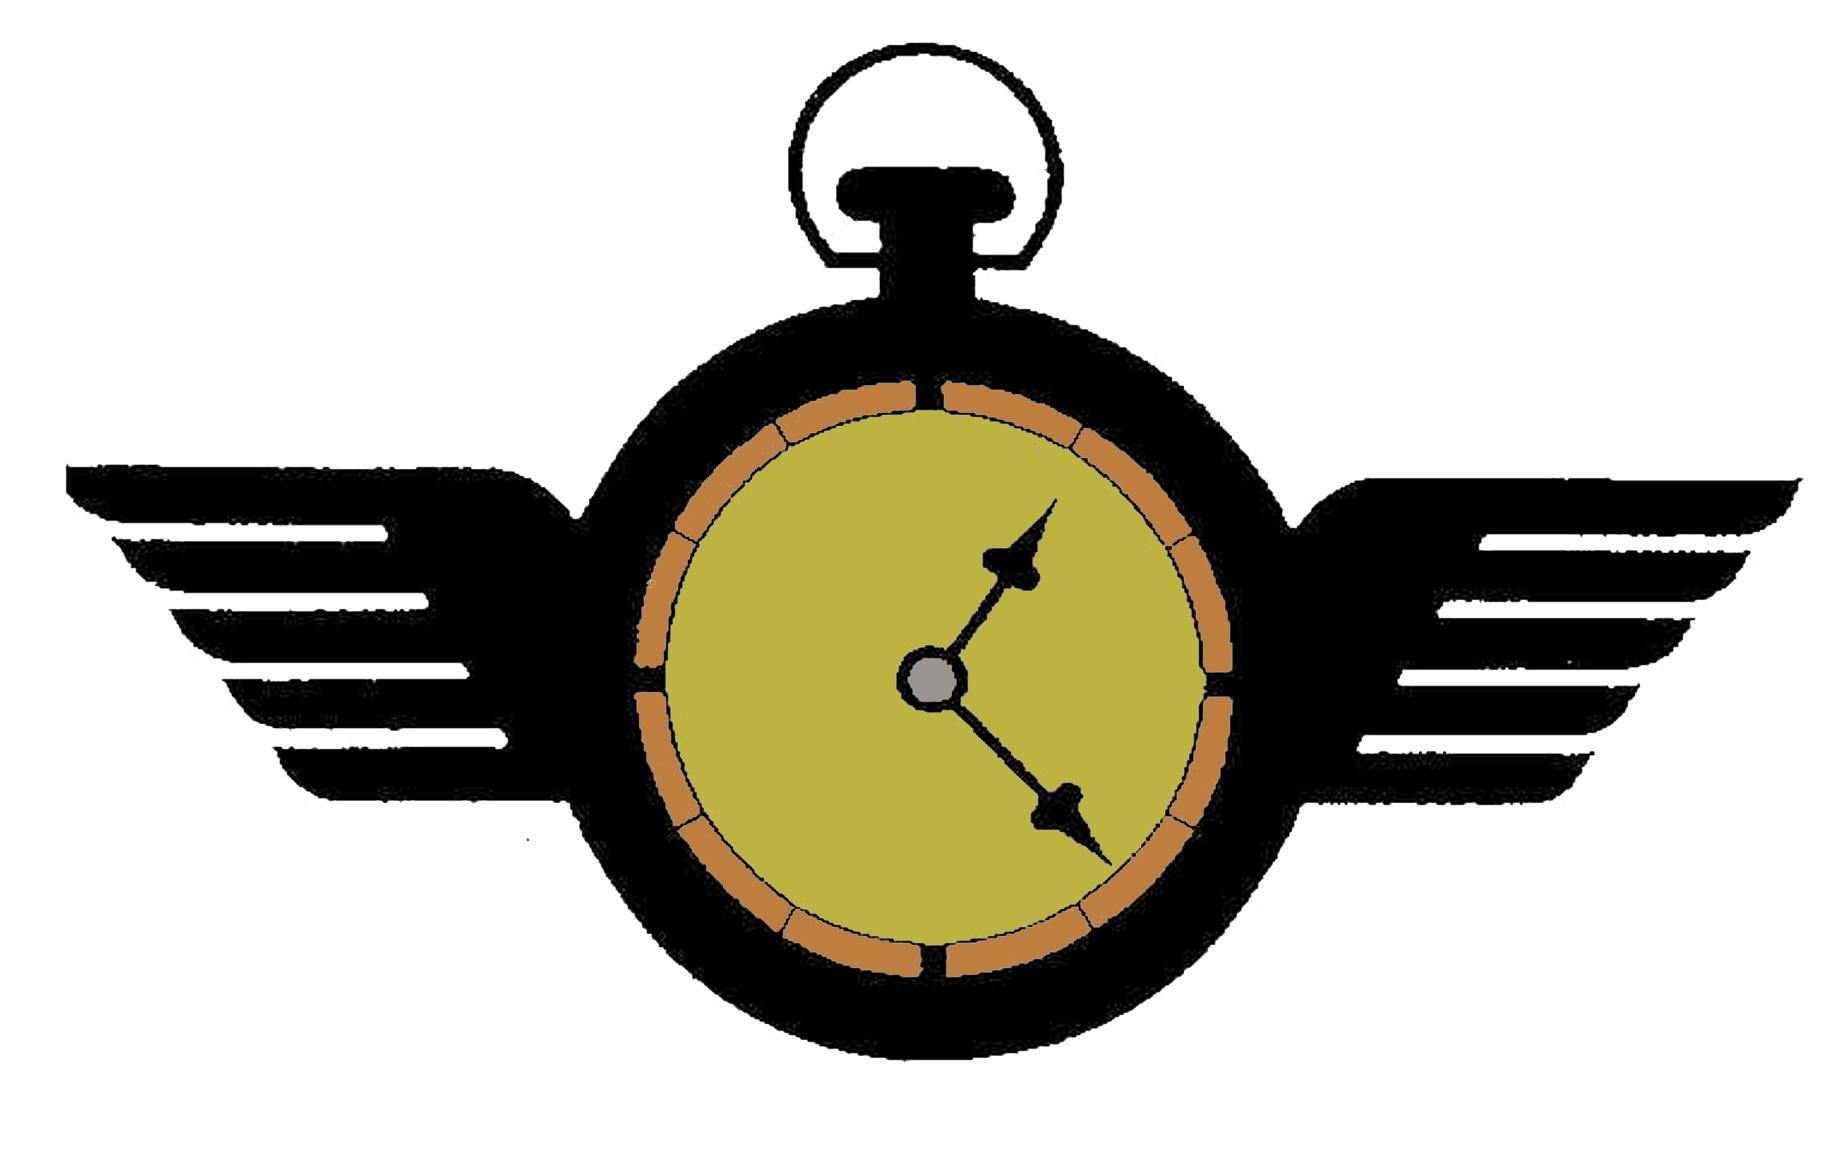 Time's-flys